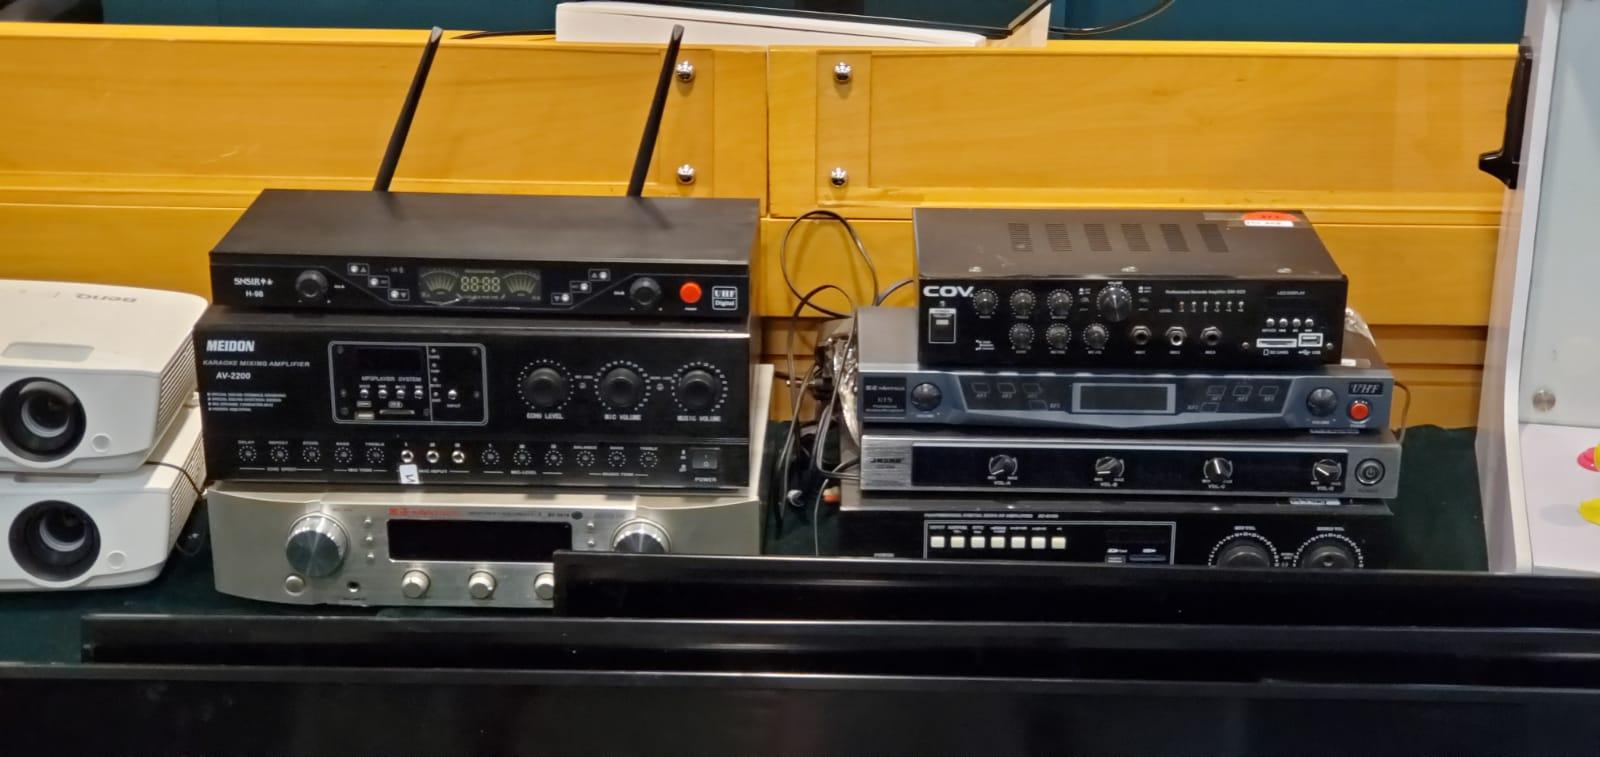 海關檢獲2部載有懷疑侵權歌曲的伺服器電腦、28套用作播放懷疑侵權歌曲的卡拉OK播放系統及6套載有懷疑盜版電子遊戲的遊戲機套裝,估計市值約46萬元。